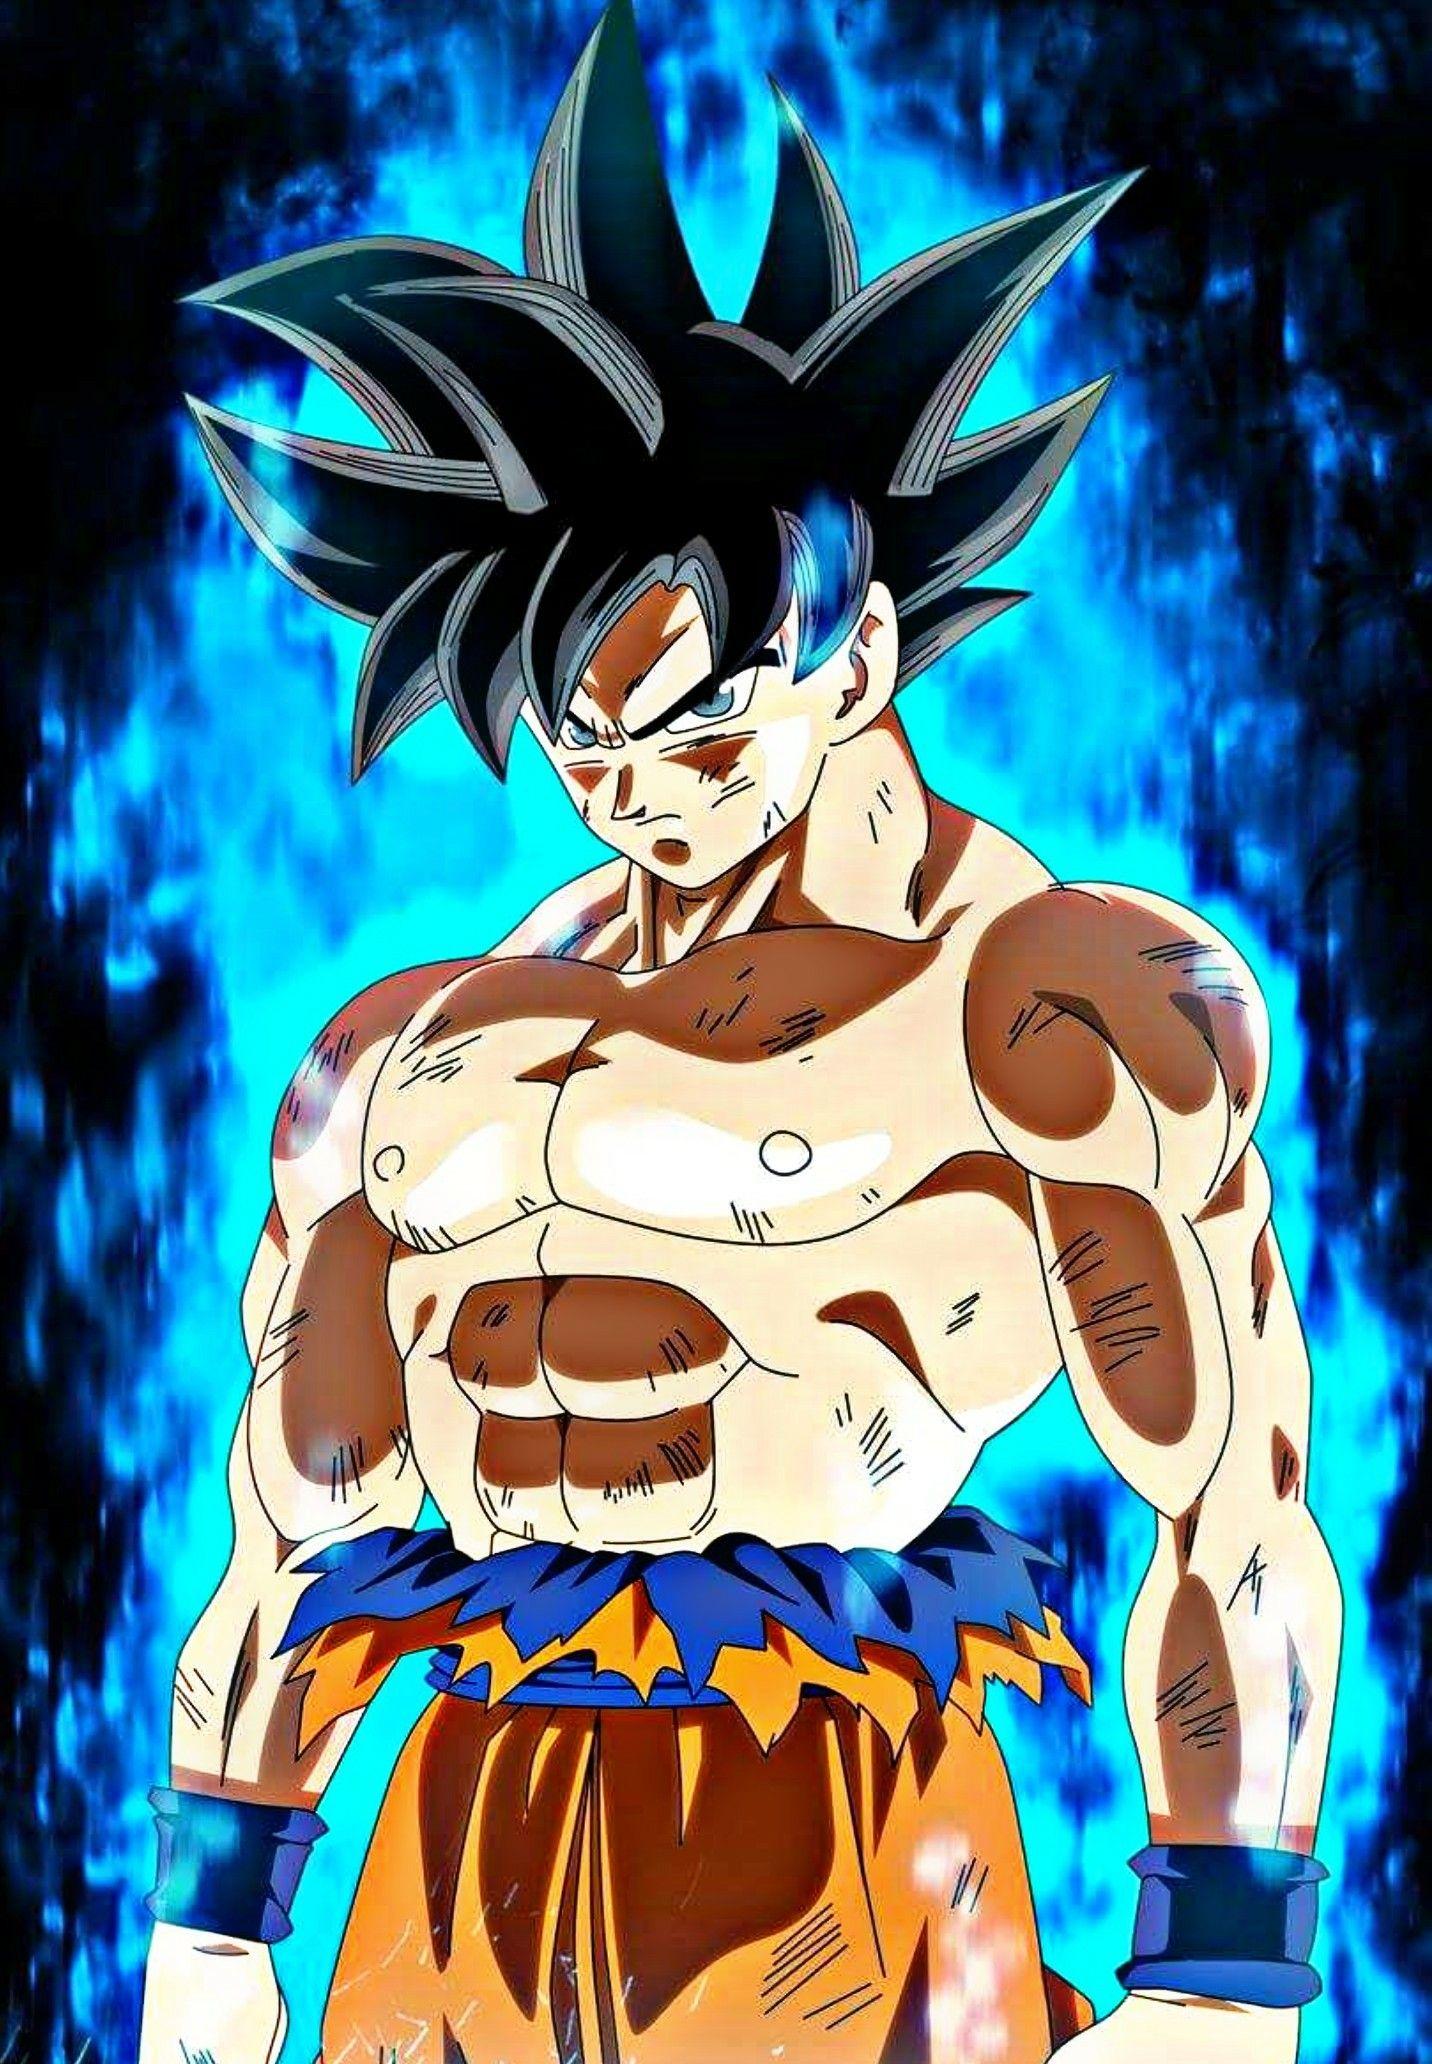 Pin By Matthew Cole On Dragon Ball Z Dragon Ball Art 3d Wallpaper Dragon Dragon Ball Z